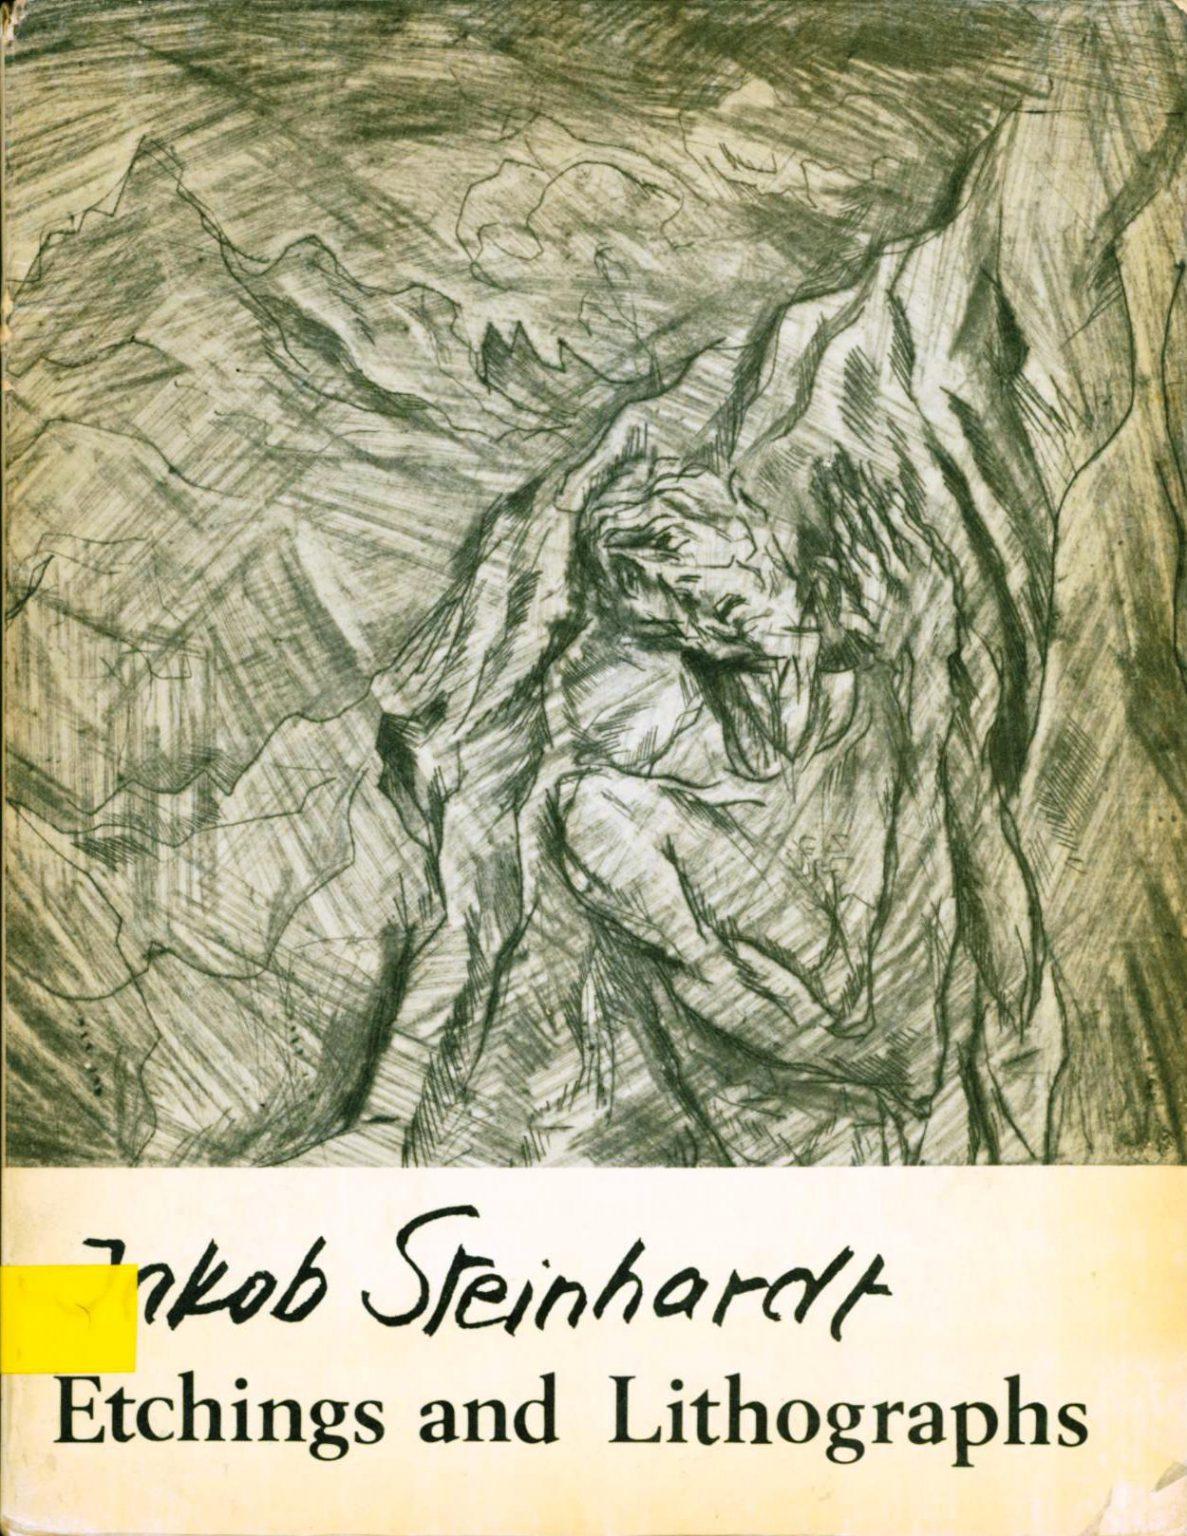 עמישי-מייזליש, זיוה, יעקב שטיינהרט: תחריטים והדפס-אבן, דביר, ירושלים, 1981